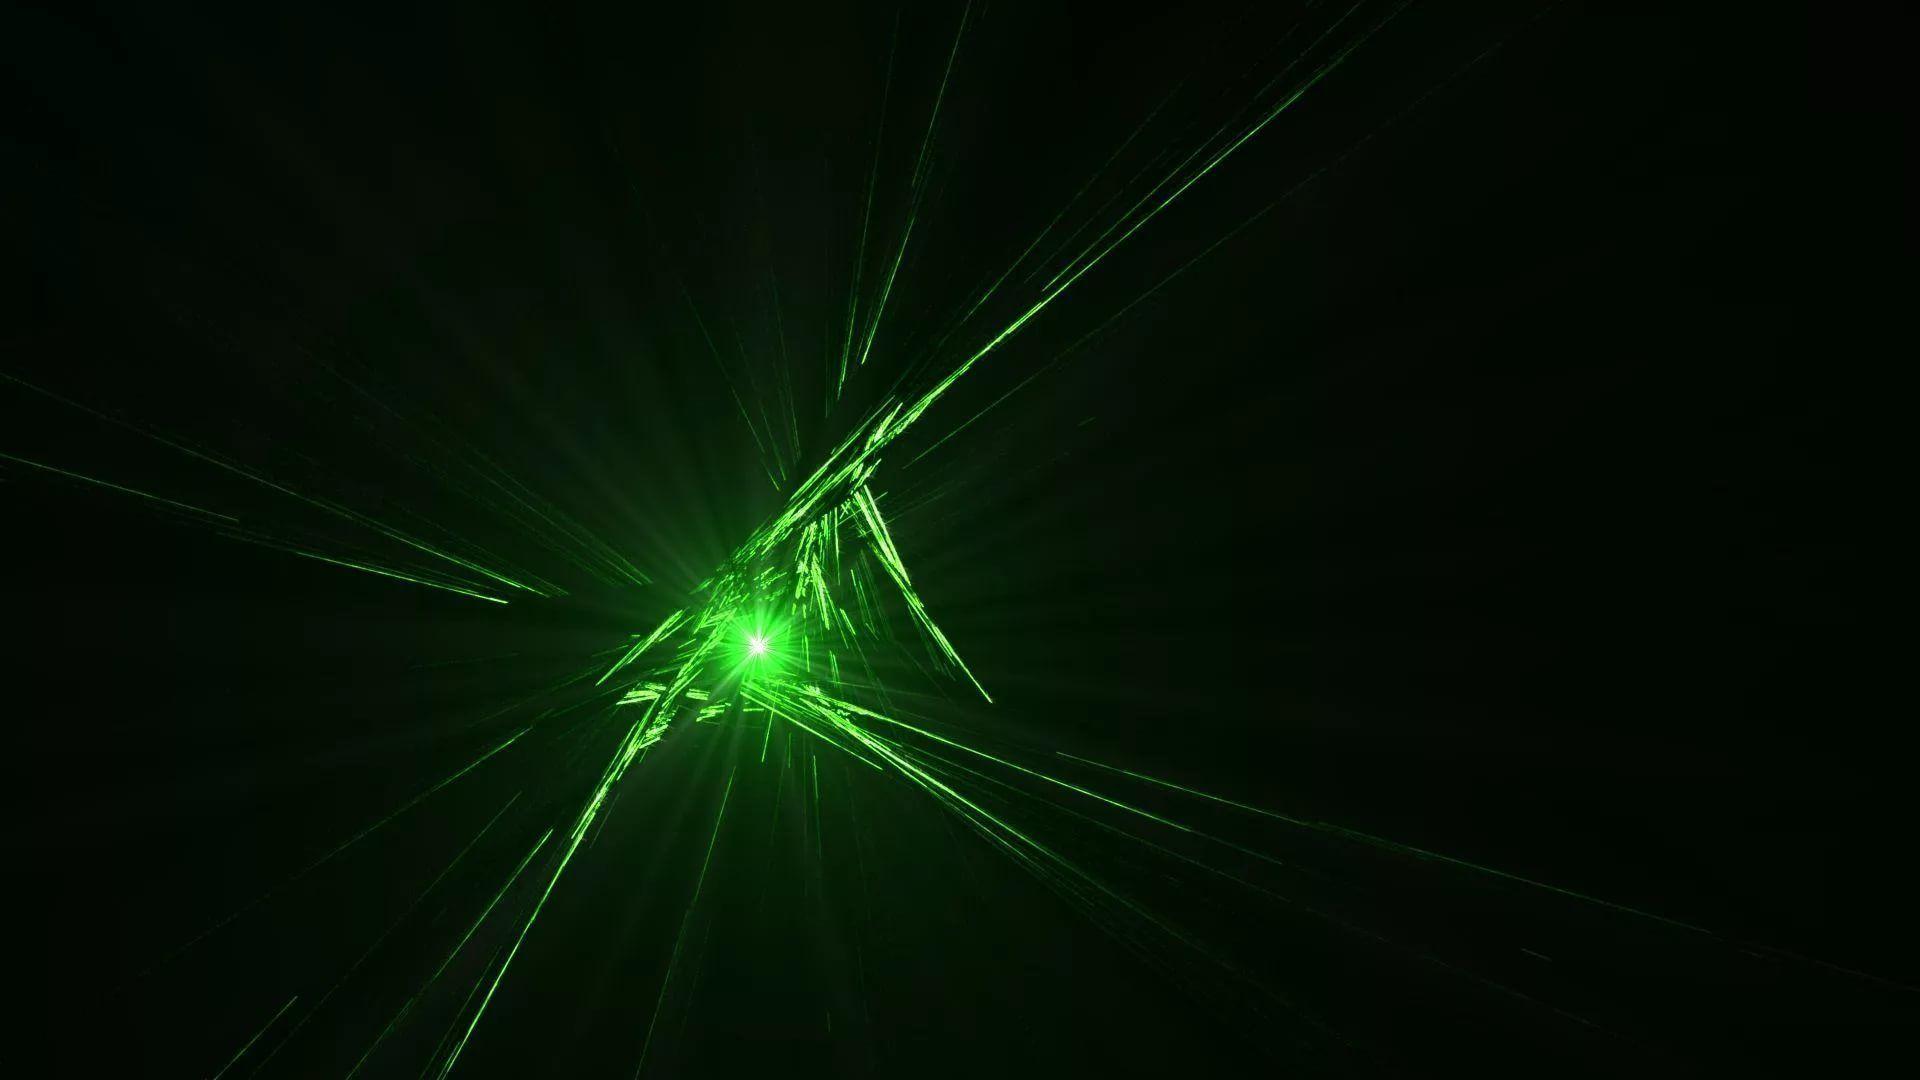 Neon Green desktop wallpaper